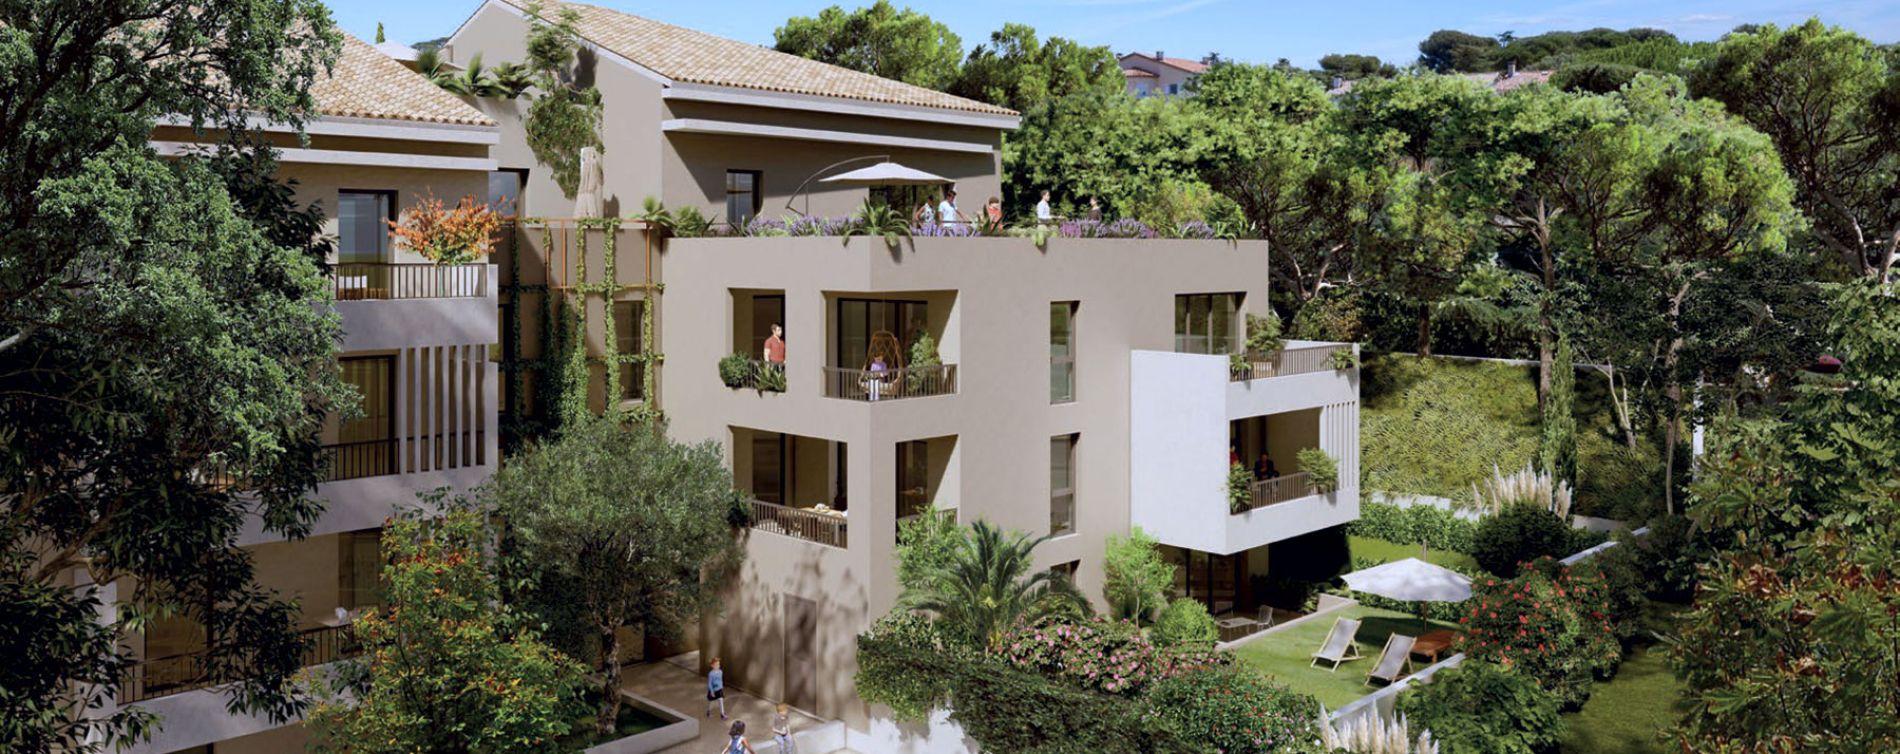 Villeneuve-lès-Avignon : programme immobilier neuve « Nouvelle Perspective » en Loi Pinel